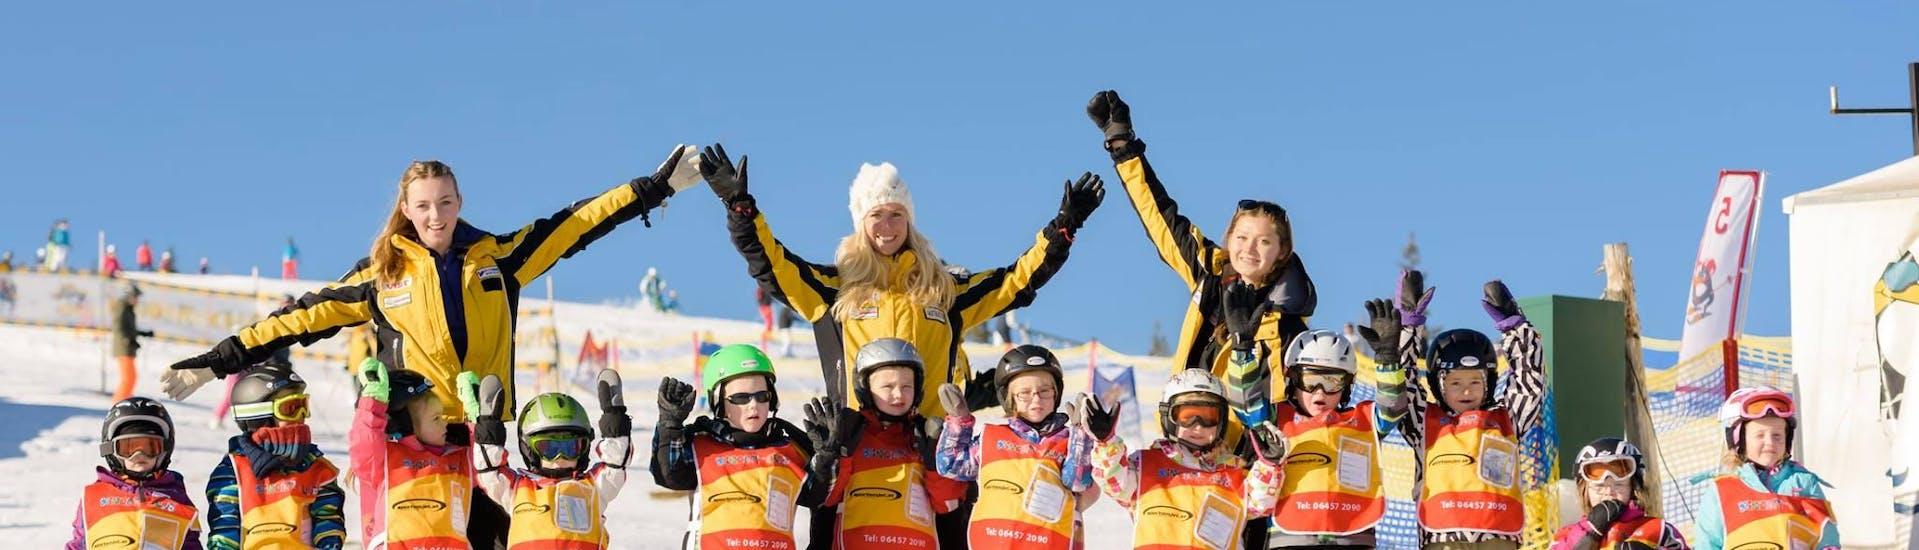 Curso de esquí para niños a partir de 6 años para debutantes